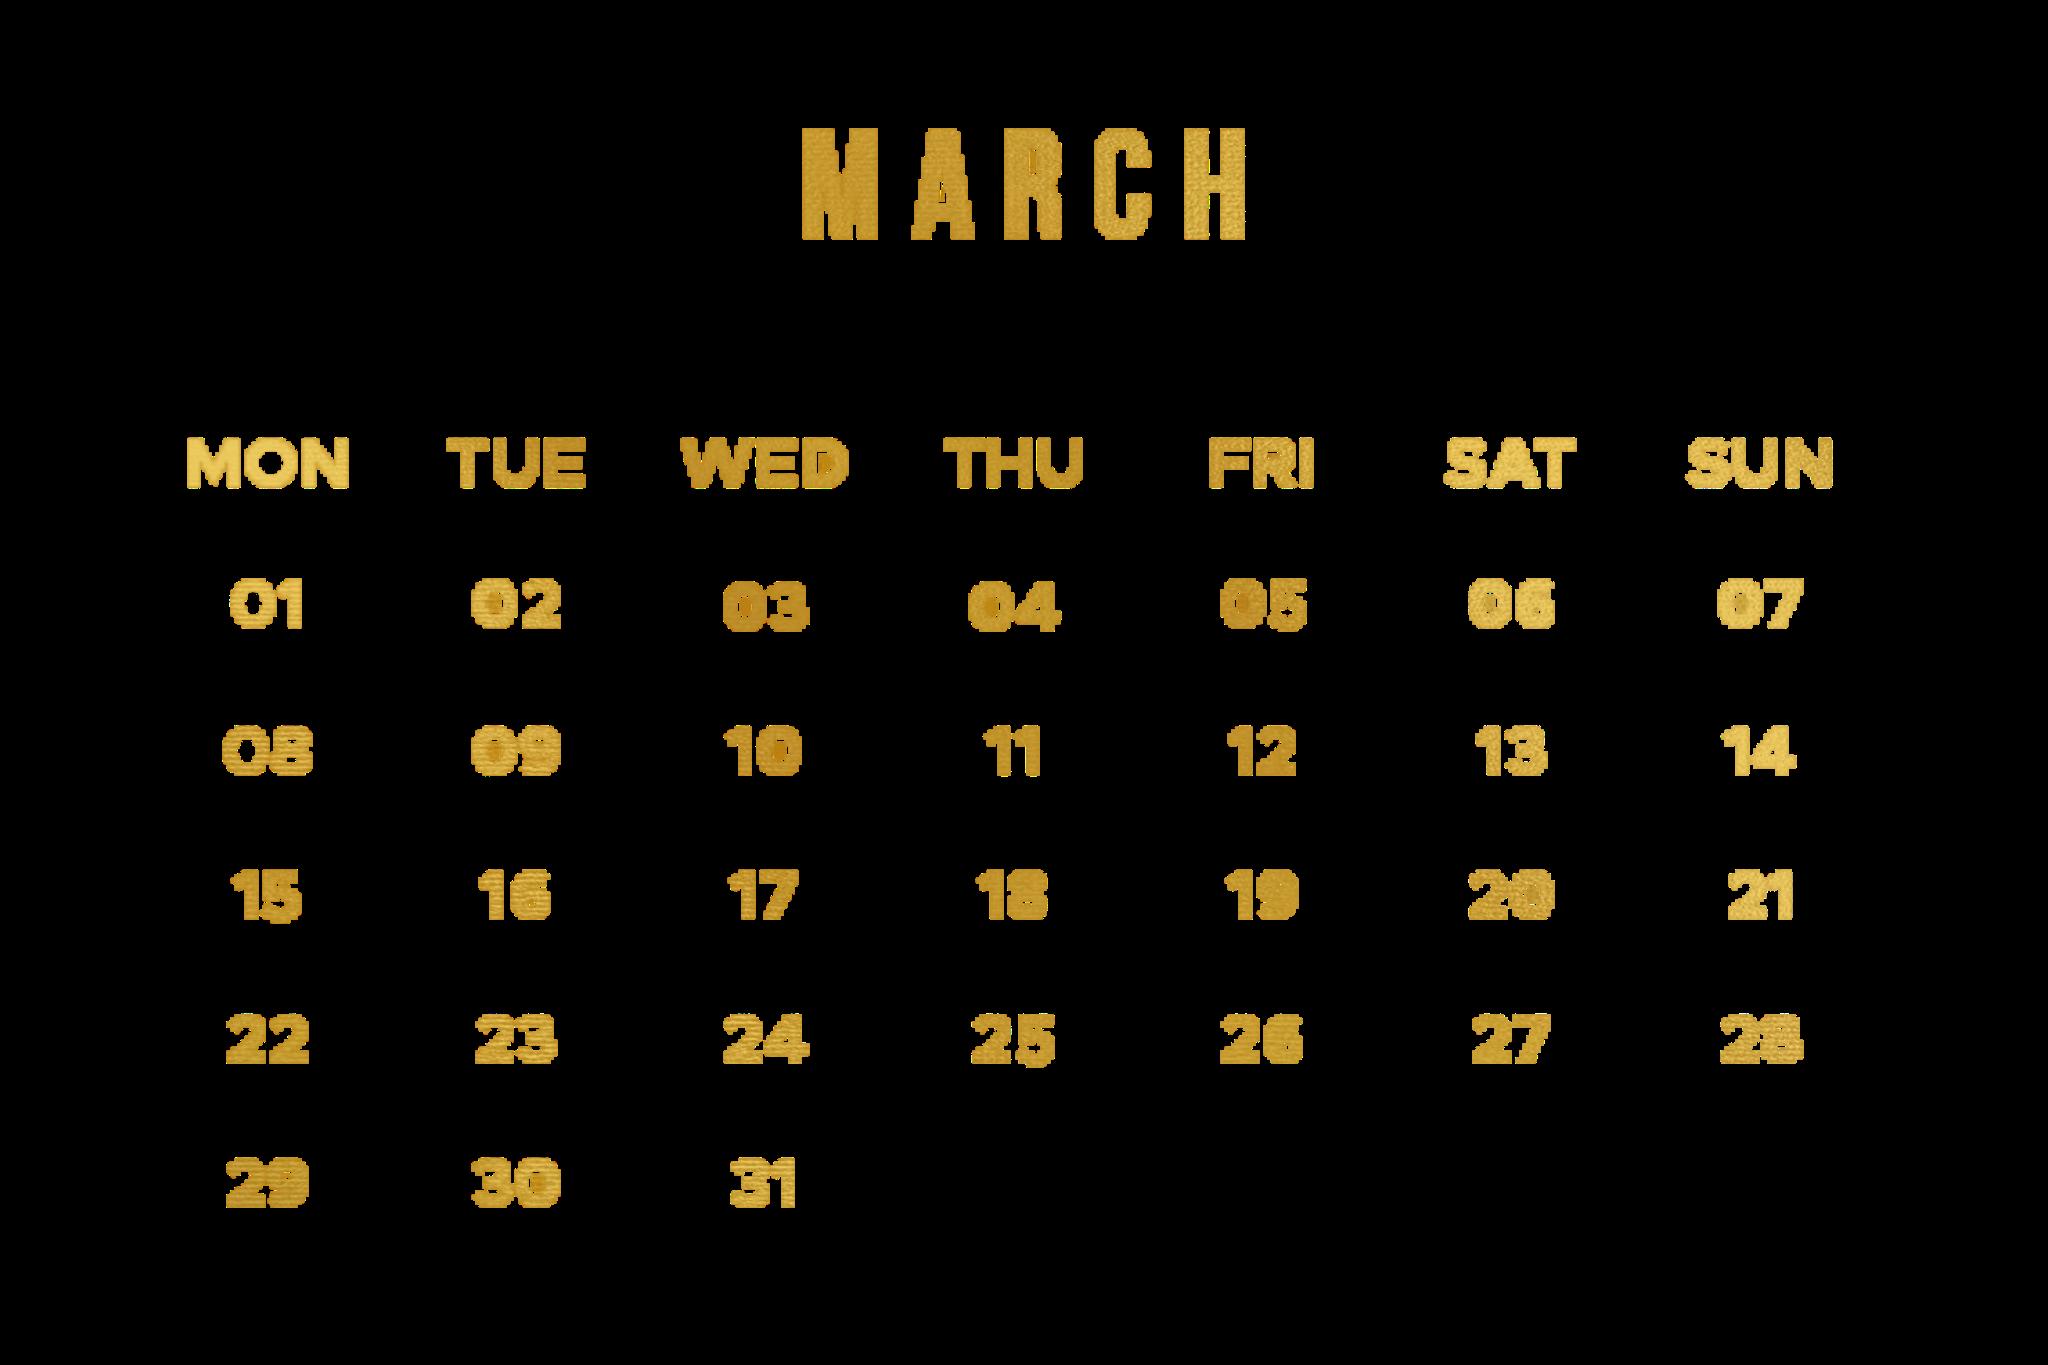 سكرابز مفرغ تقويم ذهبي أشهر السنة مفرغة ميلادي التقويم الميلادي مذهب 2021 مزخرف مزخرفة